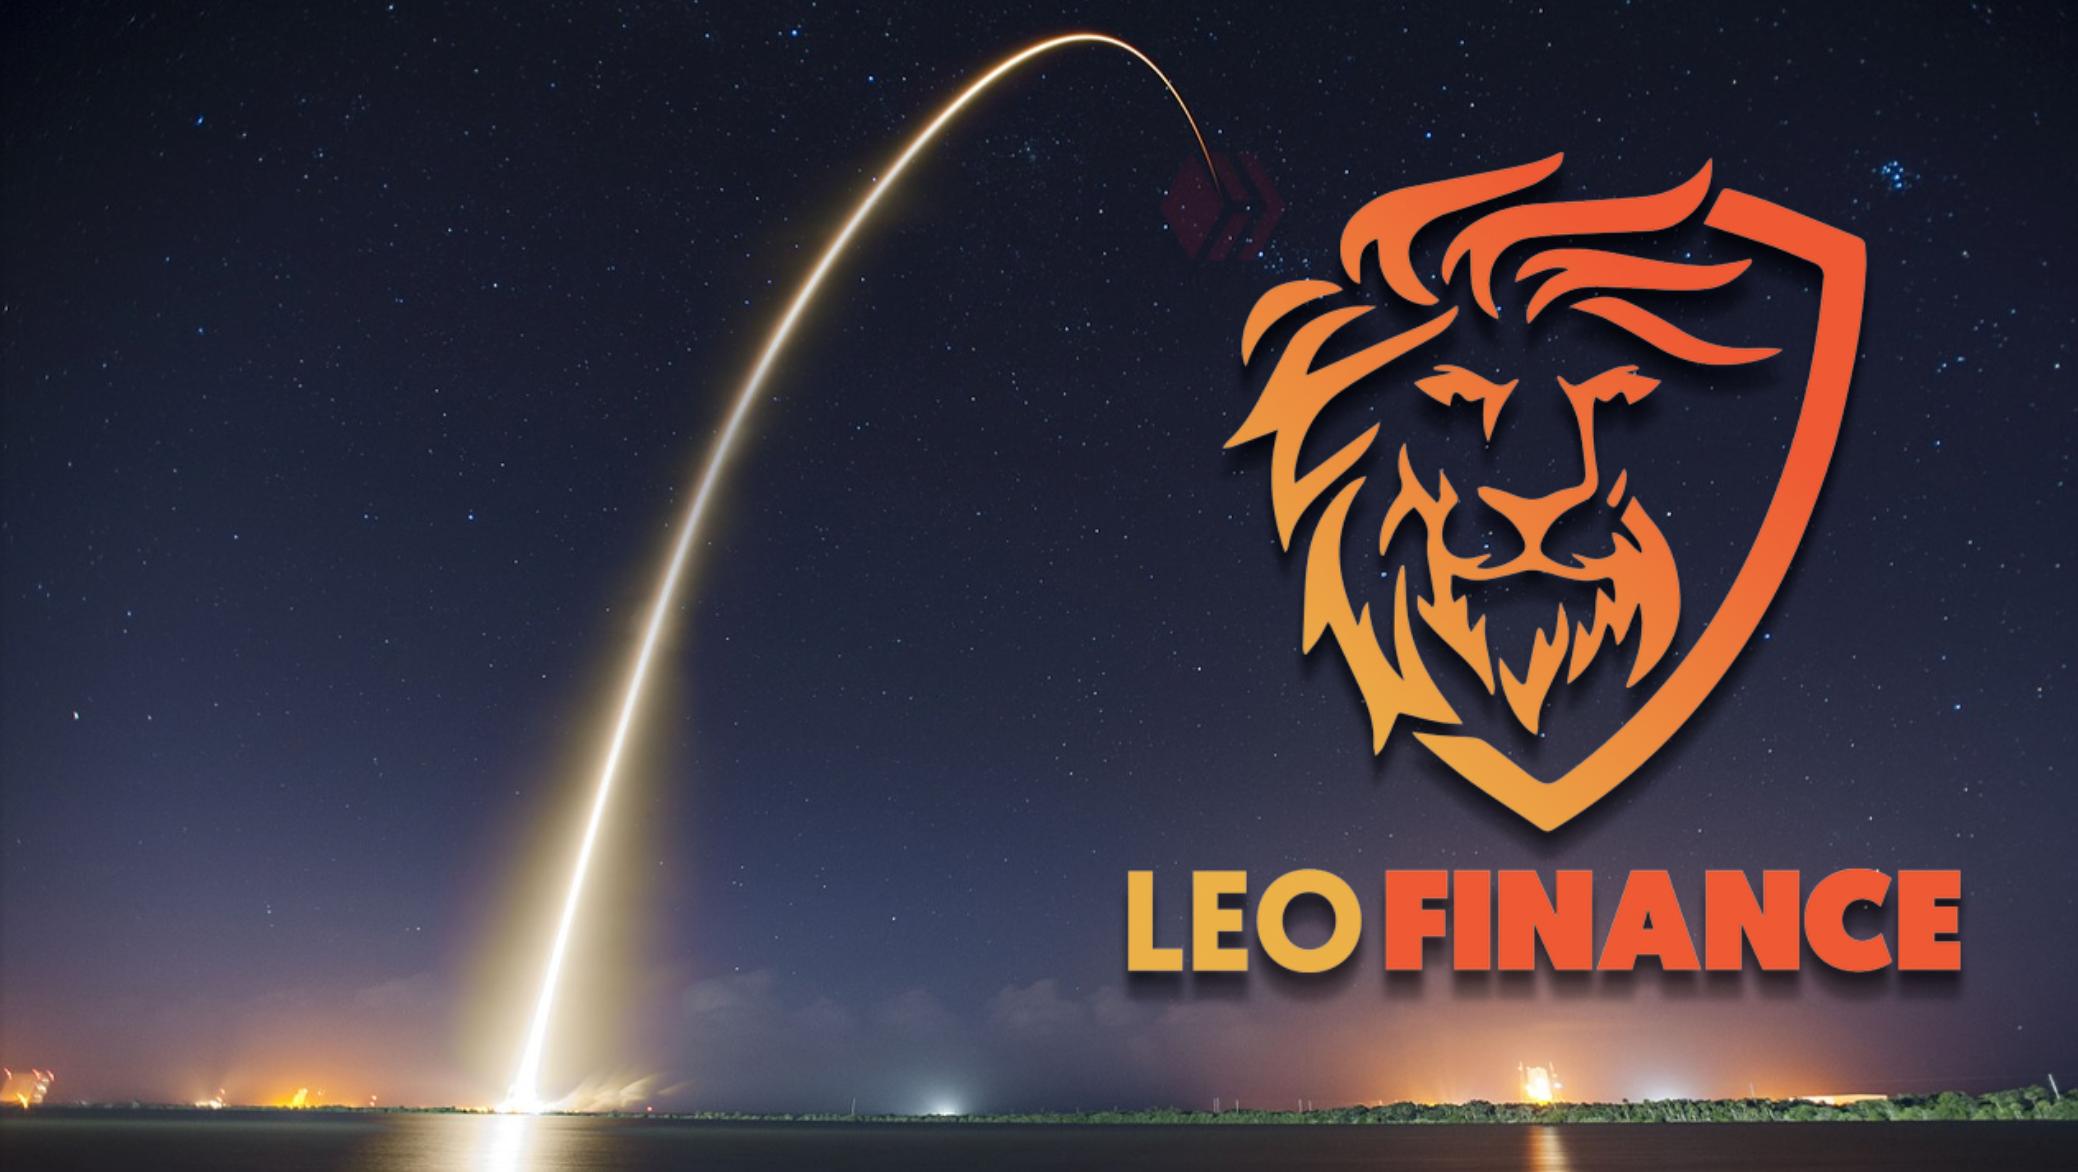 leo finance.png